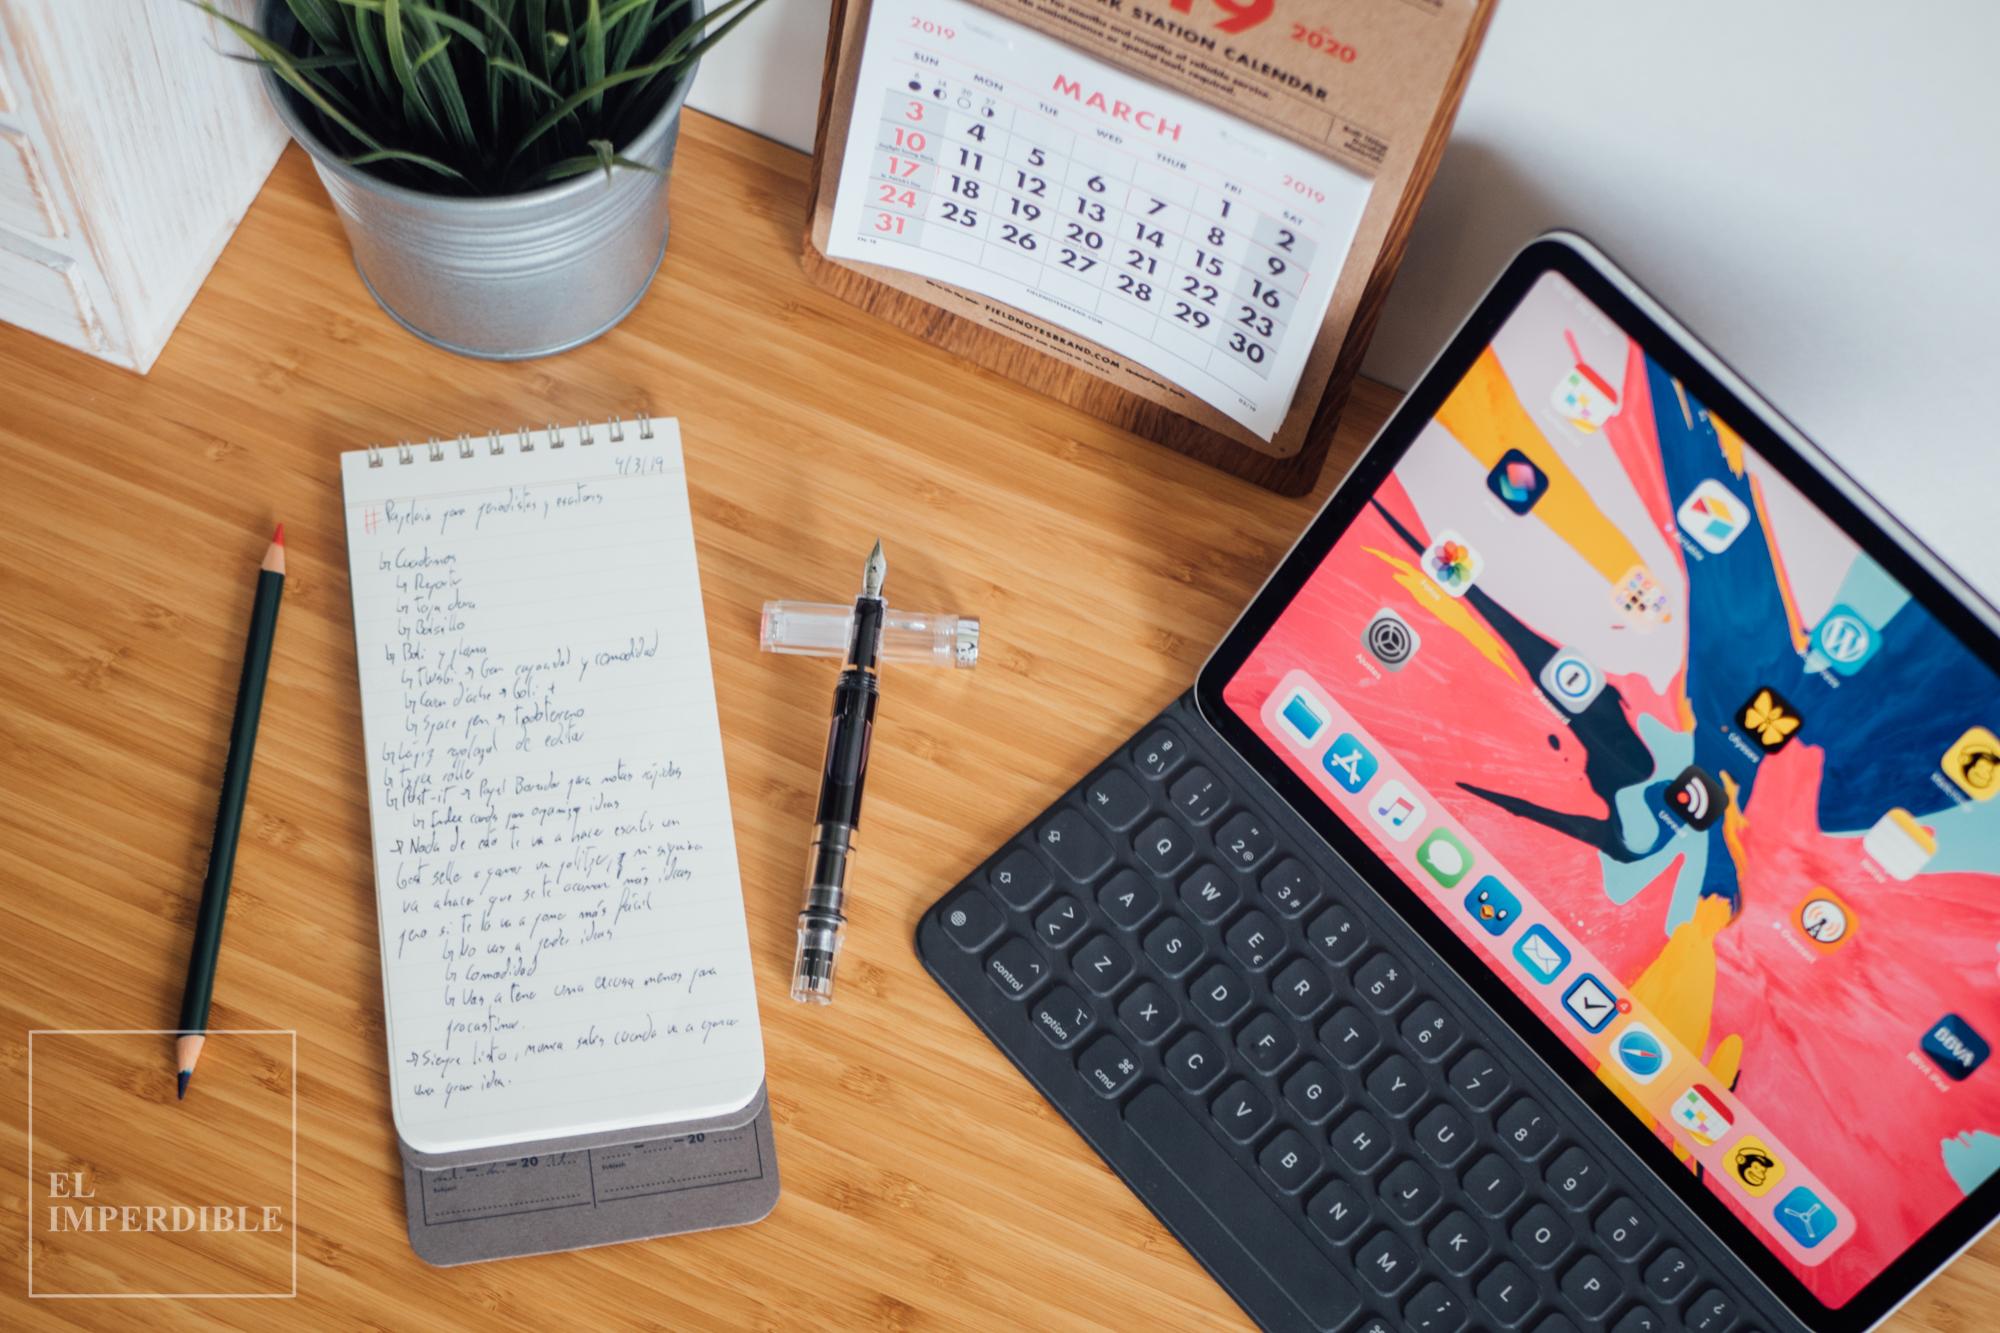 Kit de papelería para escritores iPad Pro Twsbi ECO Clear Field Notes